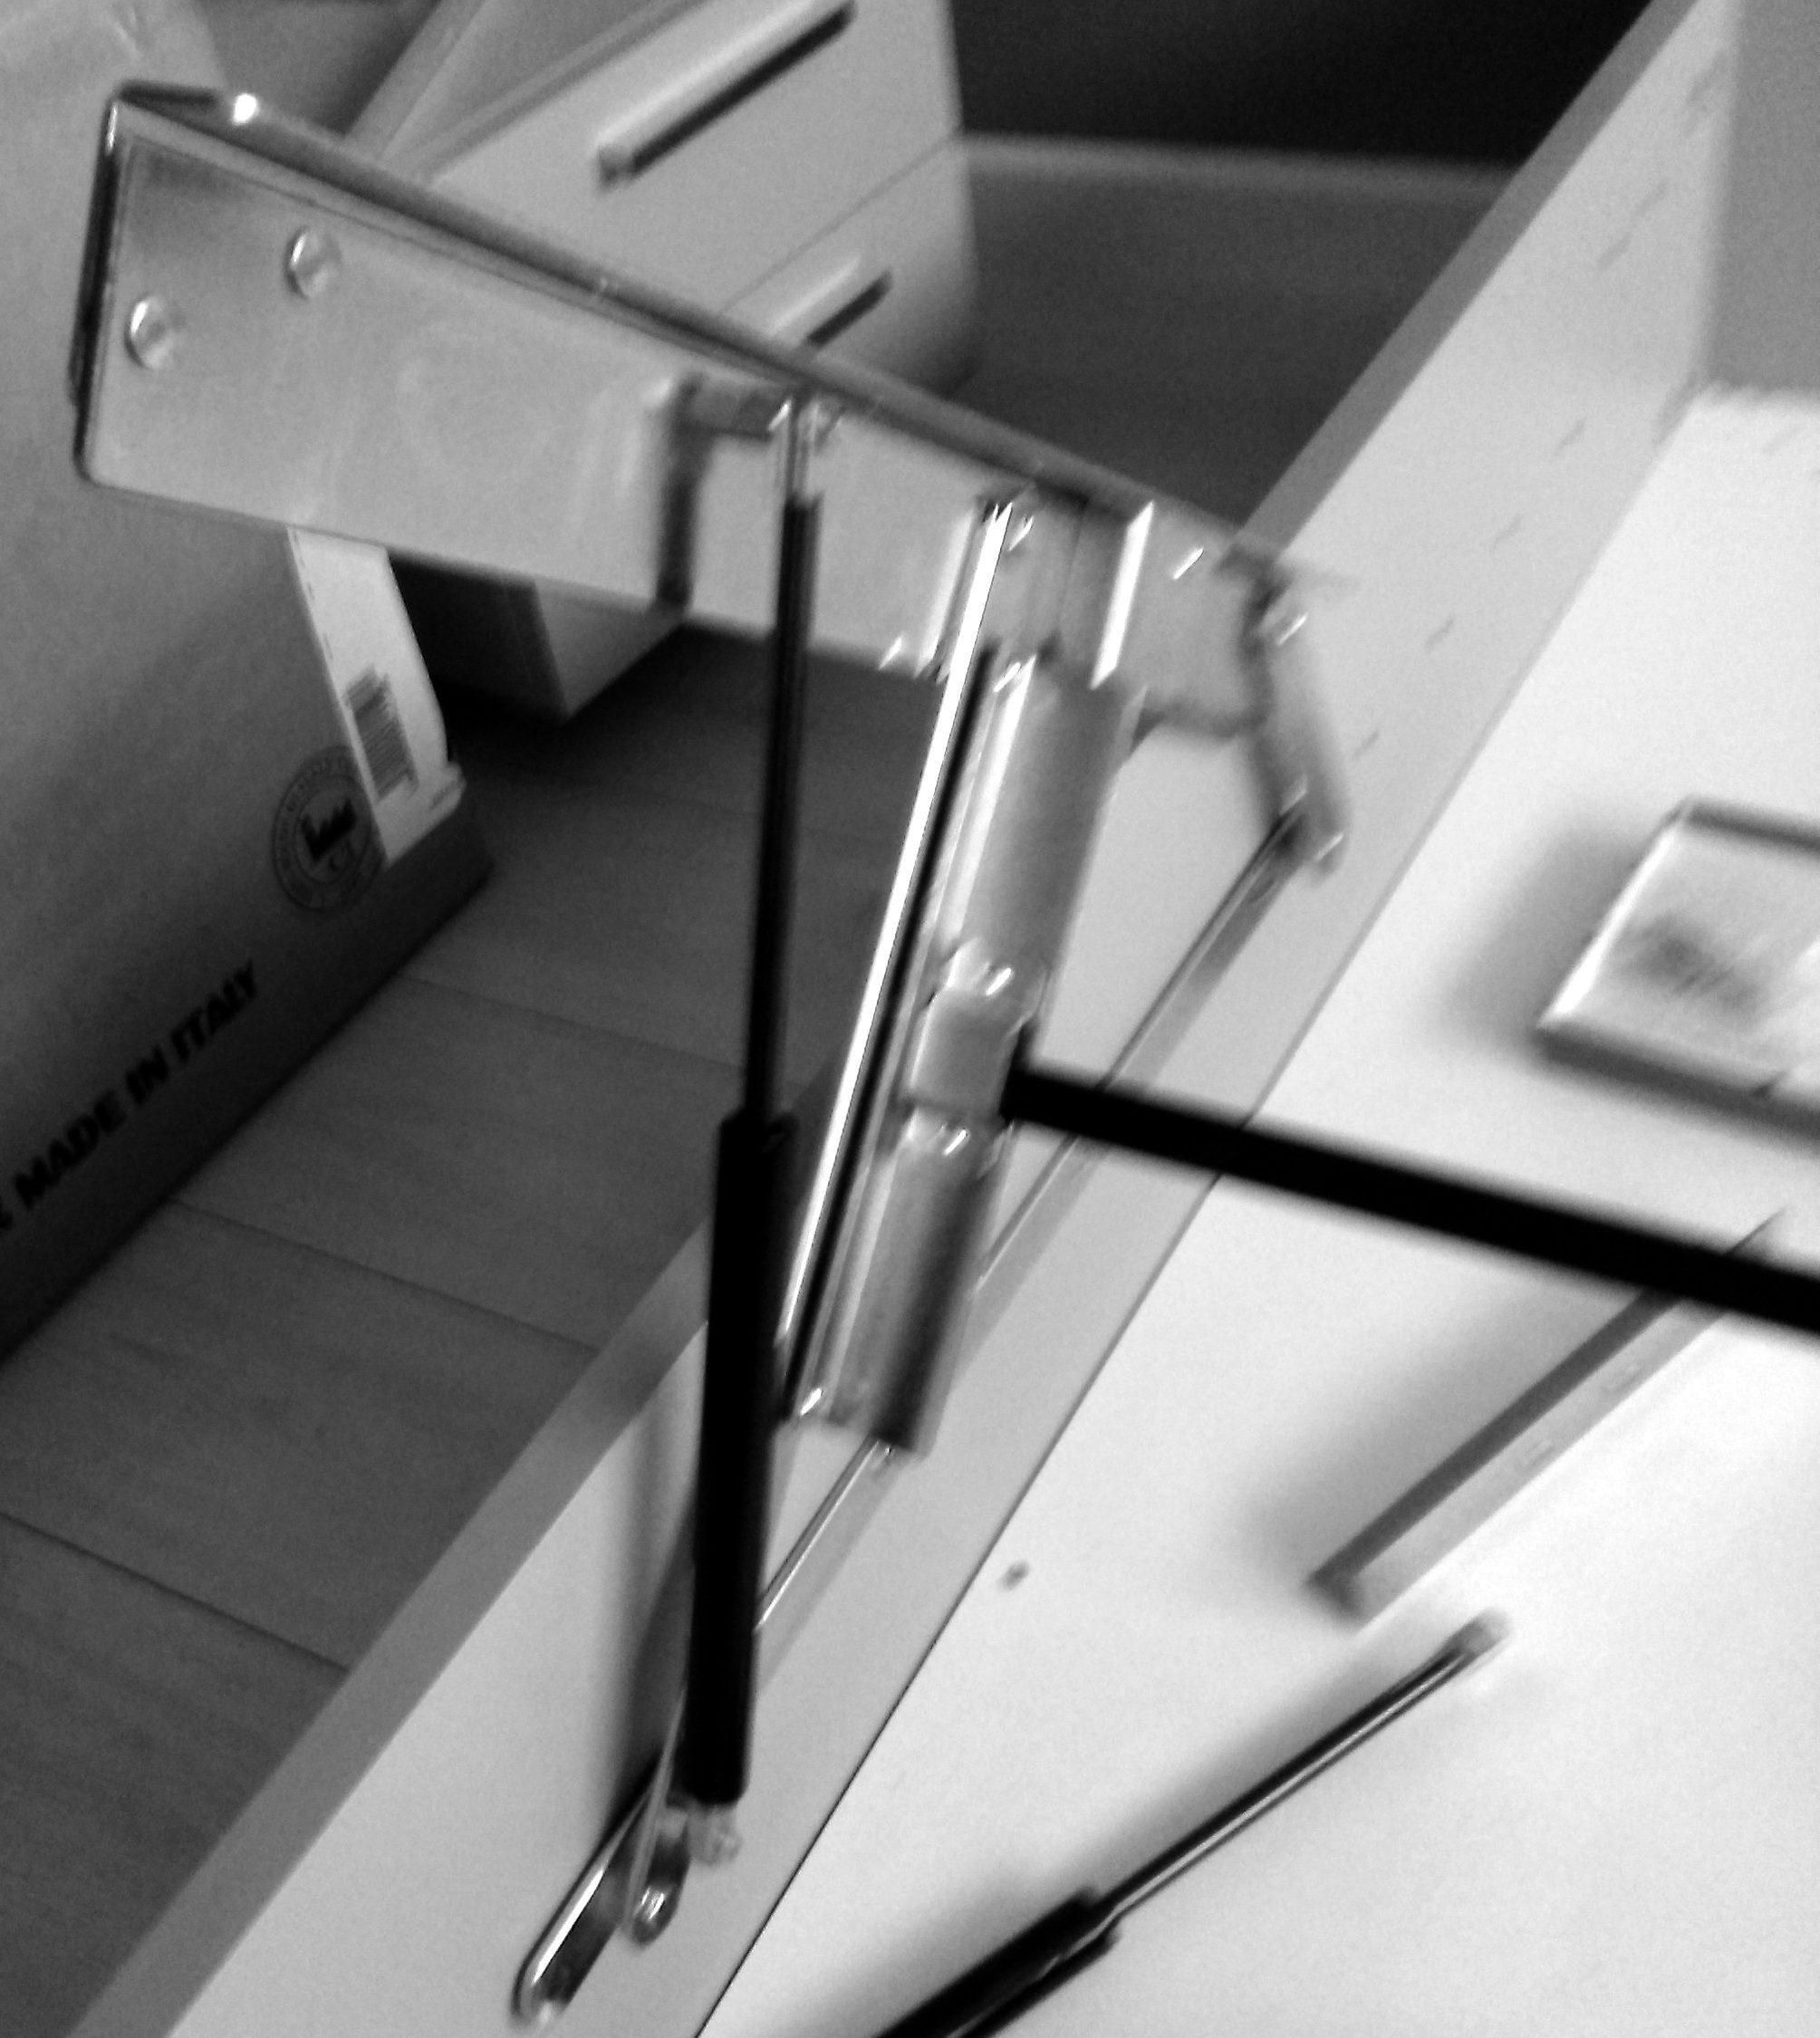 Pistoni Letto Contenitore.Kit Meccanismo Completo Di Pistoni Per Letto Contenitore